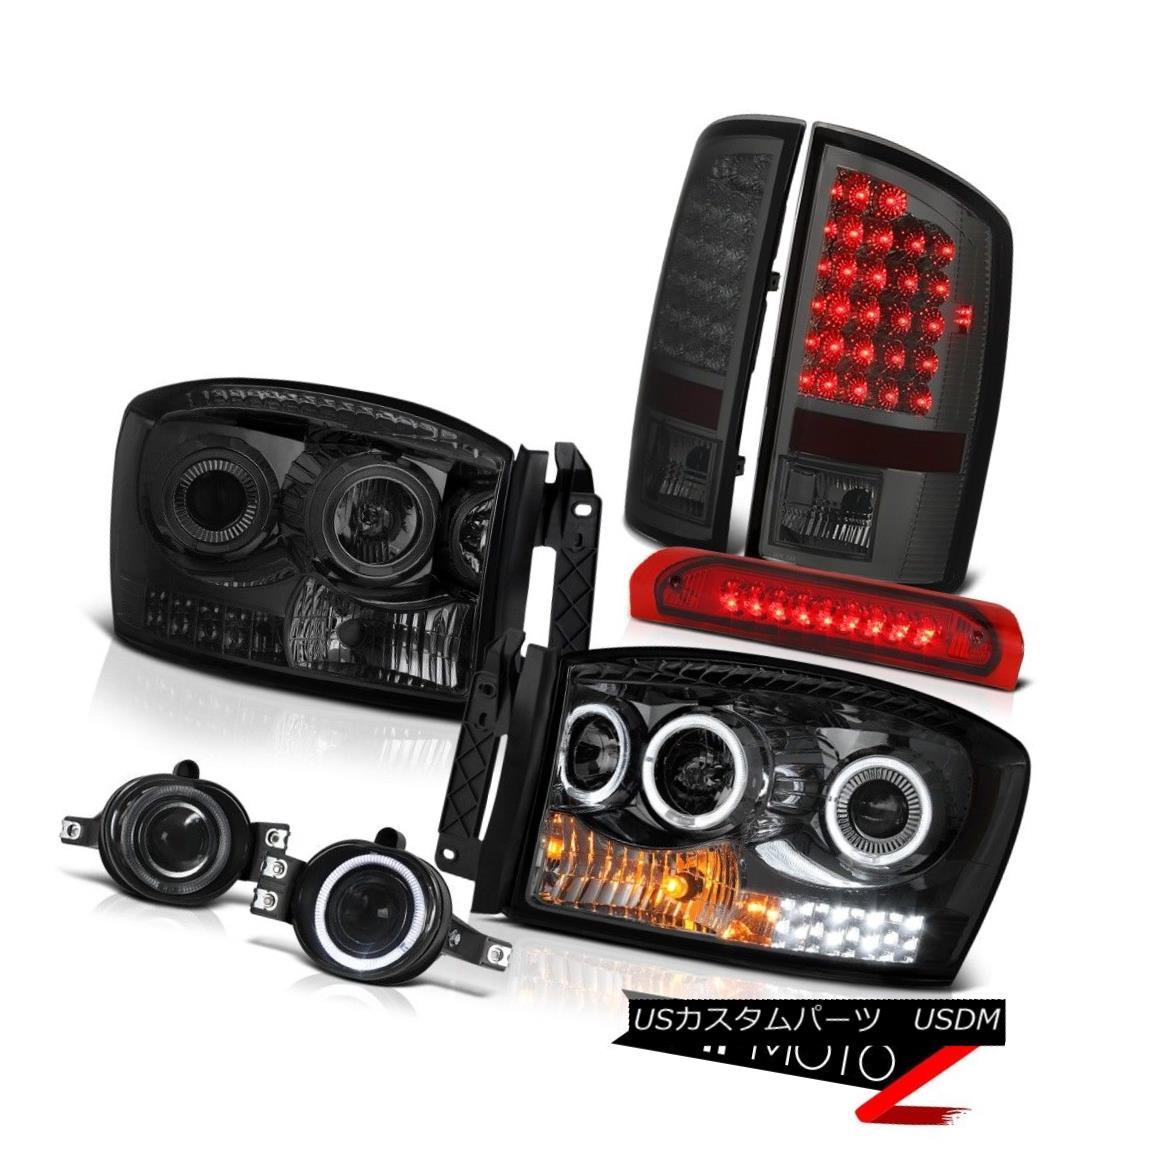 テールライト 07-08 Ram 1500 2500 3500 5.9L Headlamps Foglights Roof Cab Light Taillights LED 07-08ラム1500 2500 3500 5.9LヘッドランプフォグライトルーフキャブライトテールランプLED